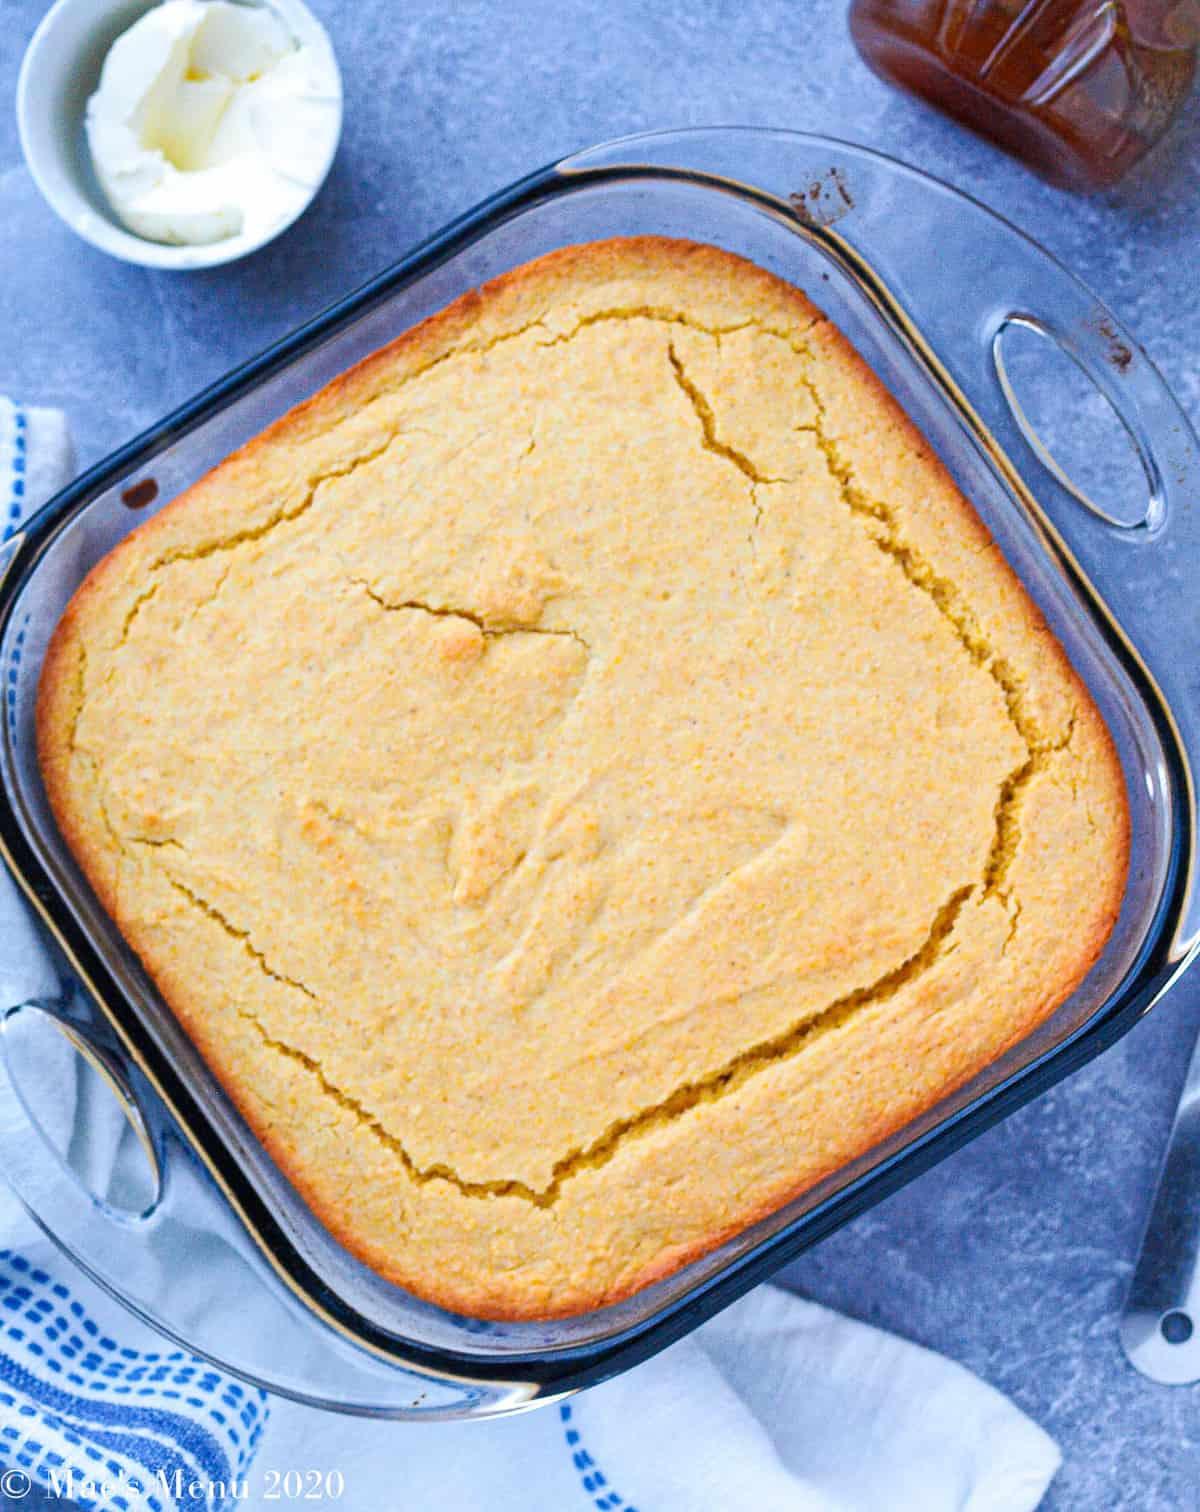 An overhead of a pan of gluten-free cornbread